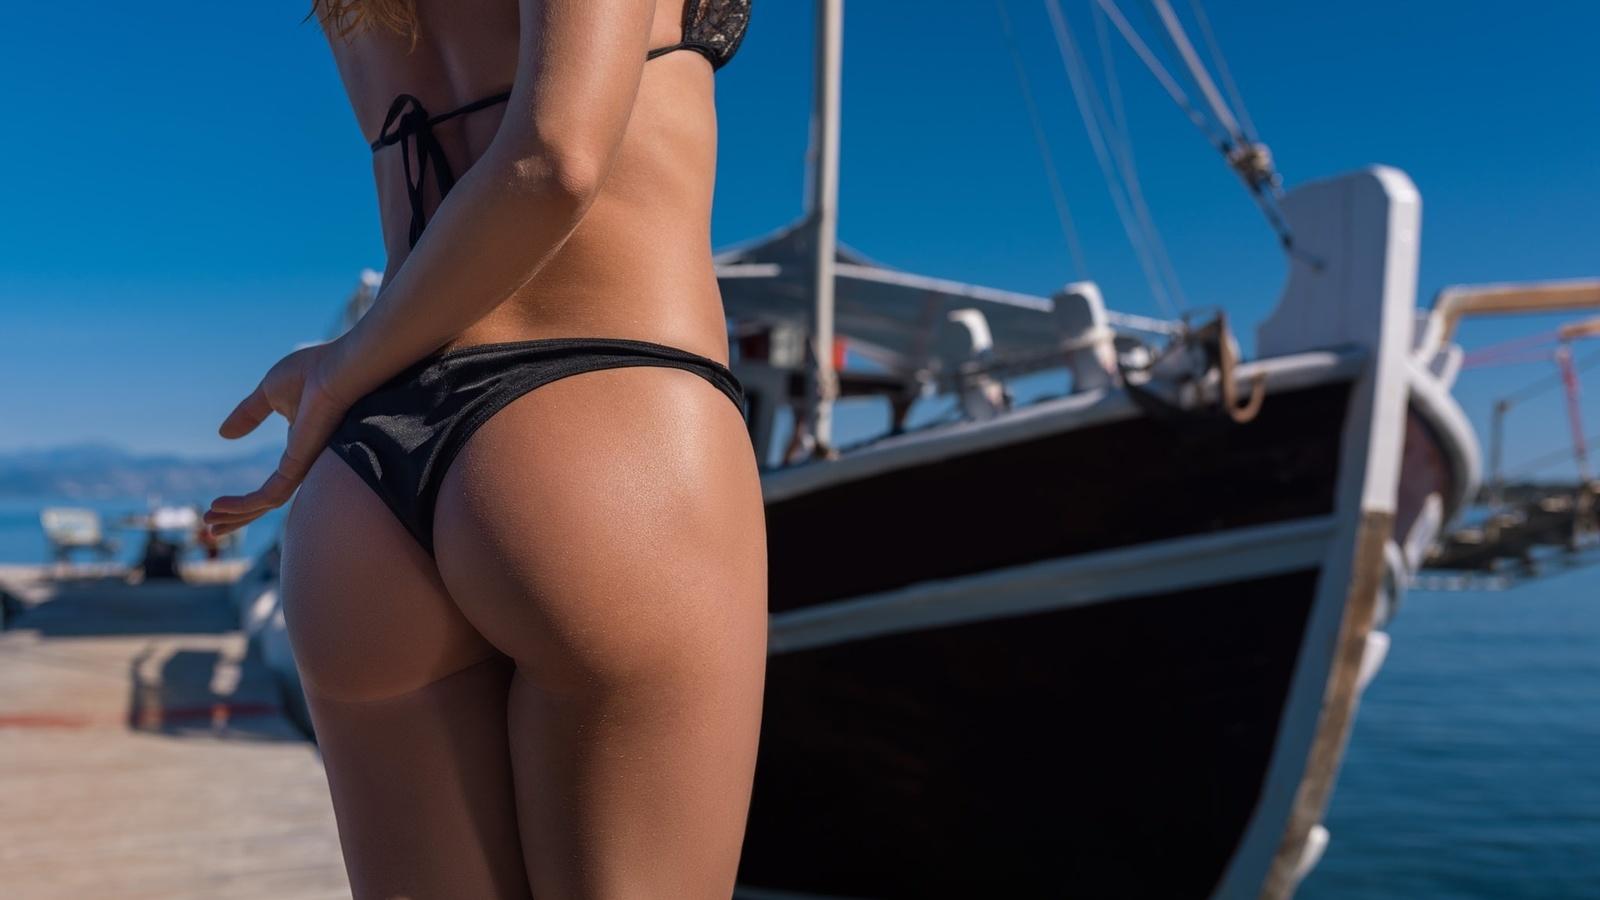 Рианна на яхте лесби